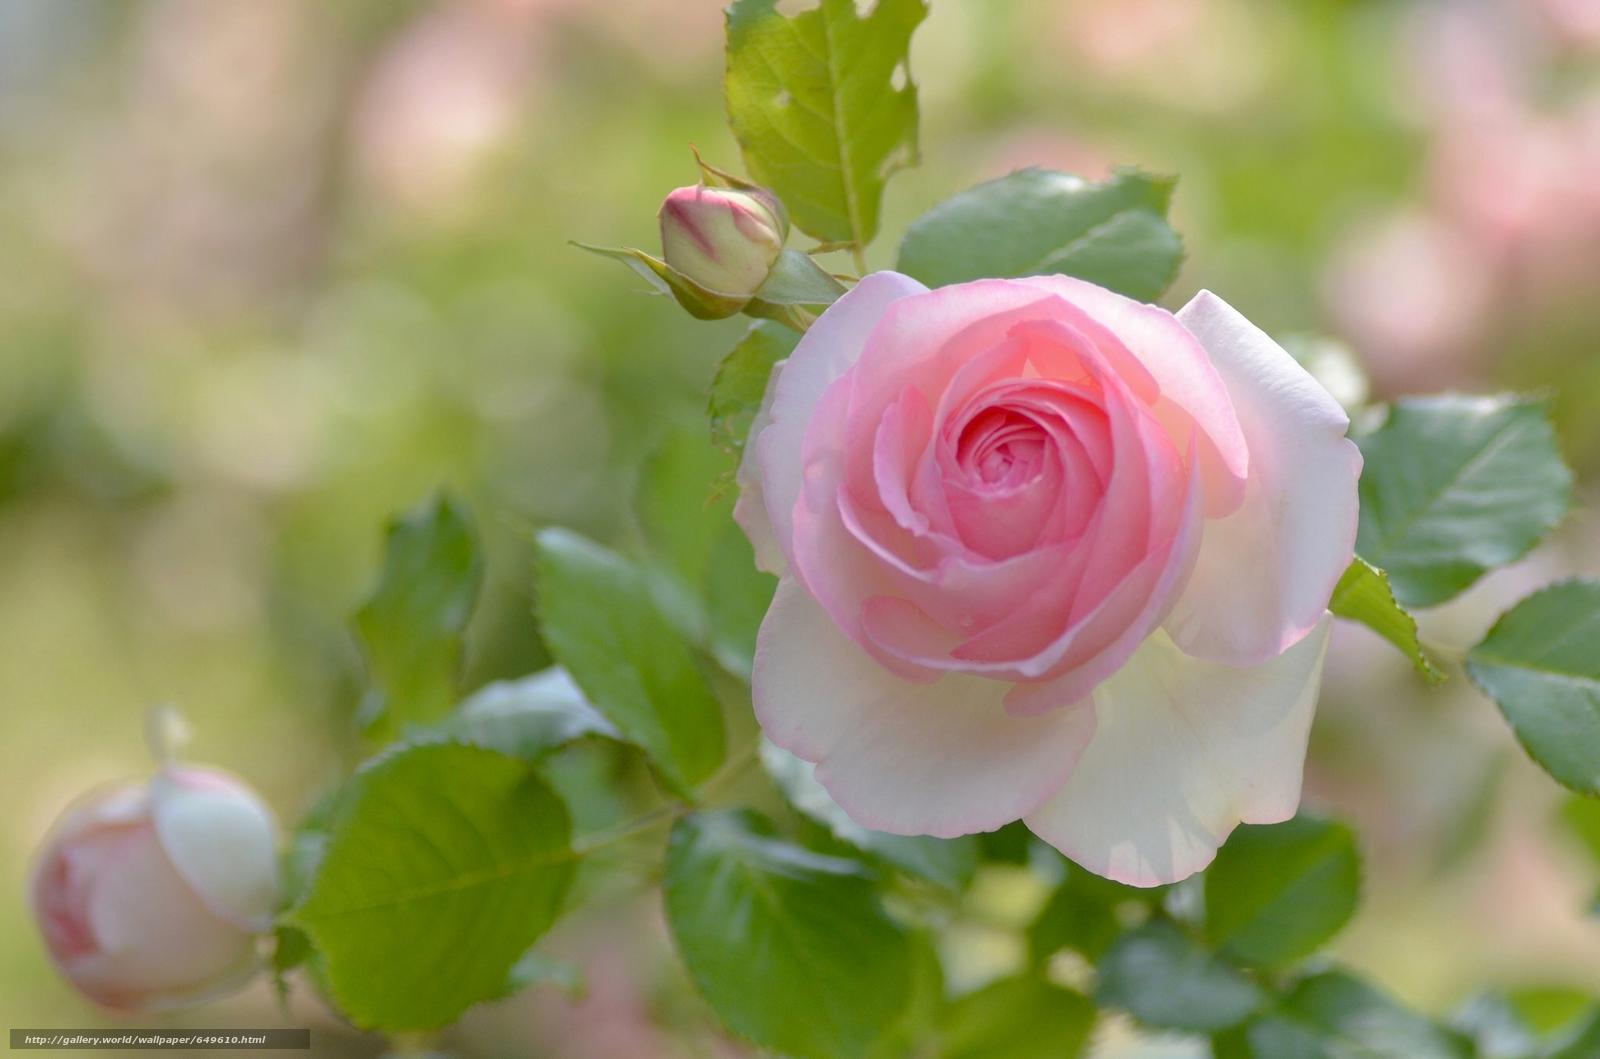 Tlcharger Fond d'ecran rose,  EUDB,  Pétales Fonds d'ecran gratuits pour votre rsolution du bureau 2048x1356 — image №649610